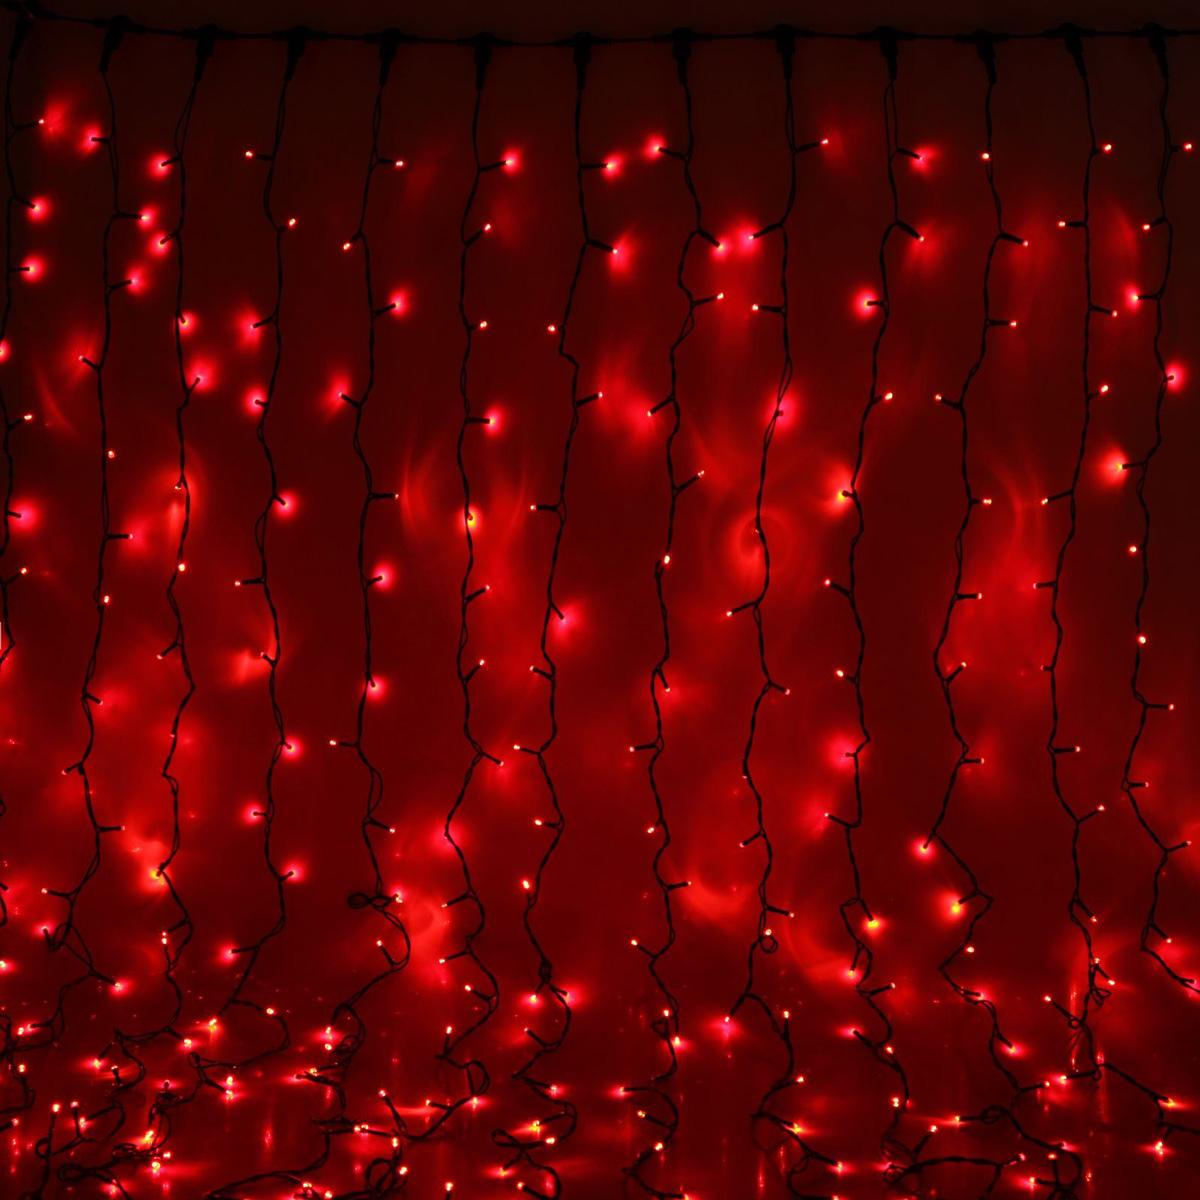 Гирлянда светодиодная Luazon Занавес, цвет: красный, уличная, 1440 ламп, 220 V, 2 х 6 м. 10802811080281Светодиодные гирлянды и ленты — это отличный вариант для новогоднего оформления интерьера или фасада. С их помощью помещение любого размера можно превратить в праздничный зал, а внешние элементы зданий, украшенные ими, мгновенно станут напоминать очертания сказочного дворца. Такие украшения создают ауру предвкушения чуда. Деревья, фасады, витрины, окна и арки будто специально созданы, чтобы вы украсили их светящимися нитями.